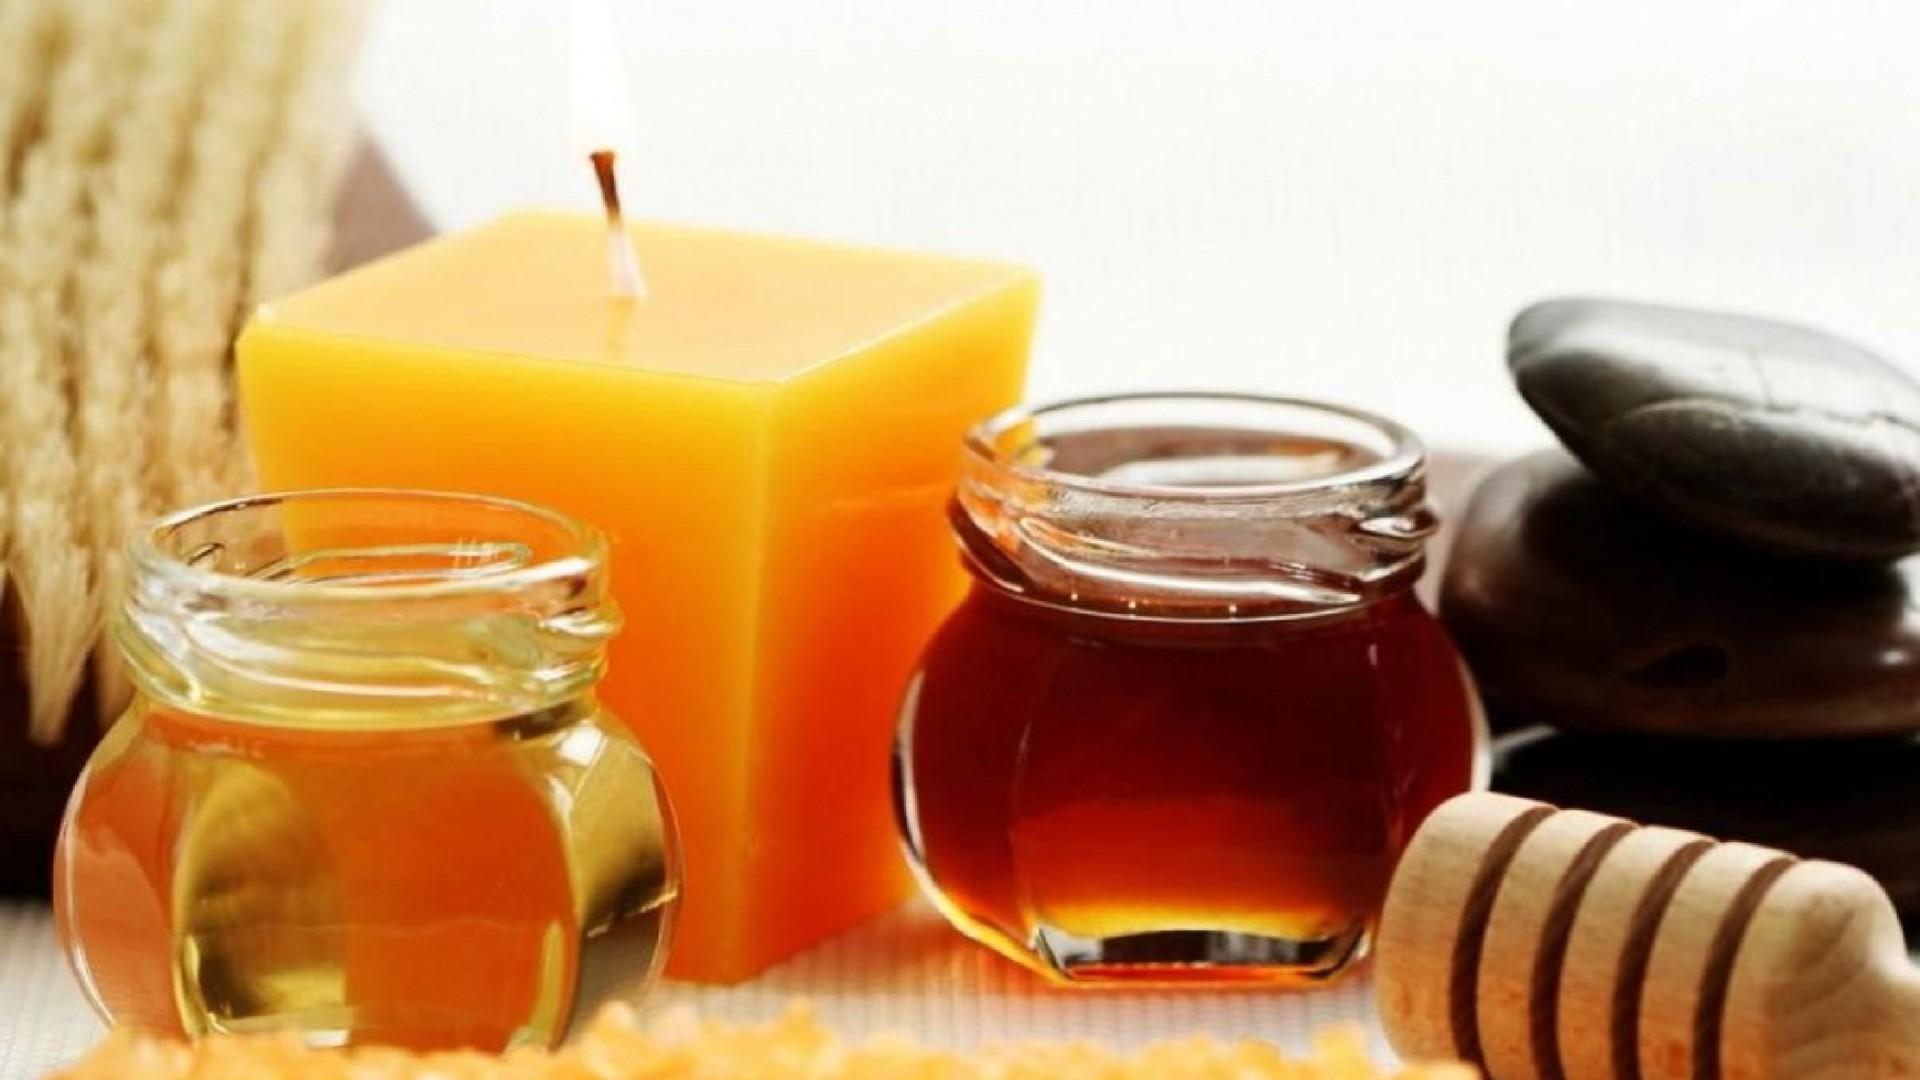 Как Похудеть Кушая Мед. Мед для похудения: рецепты